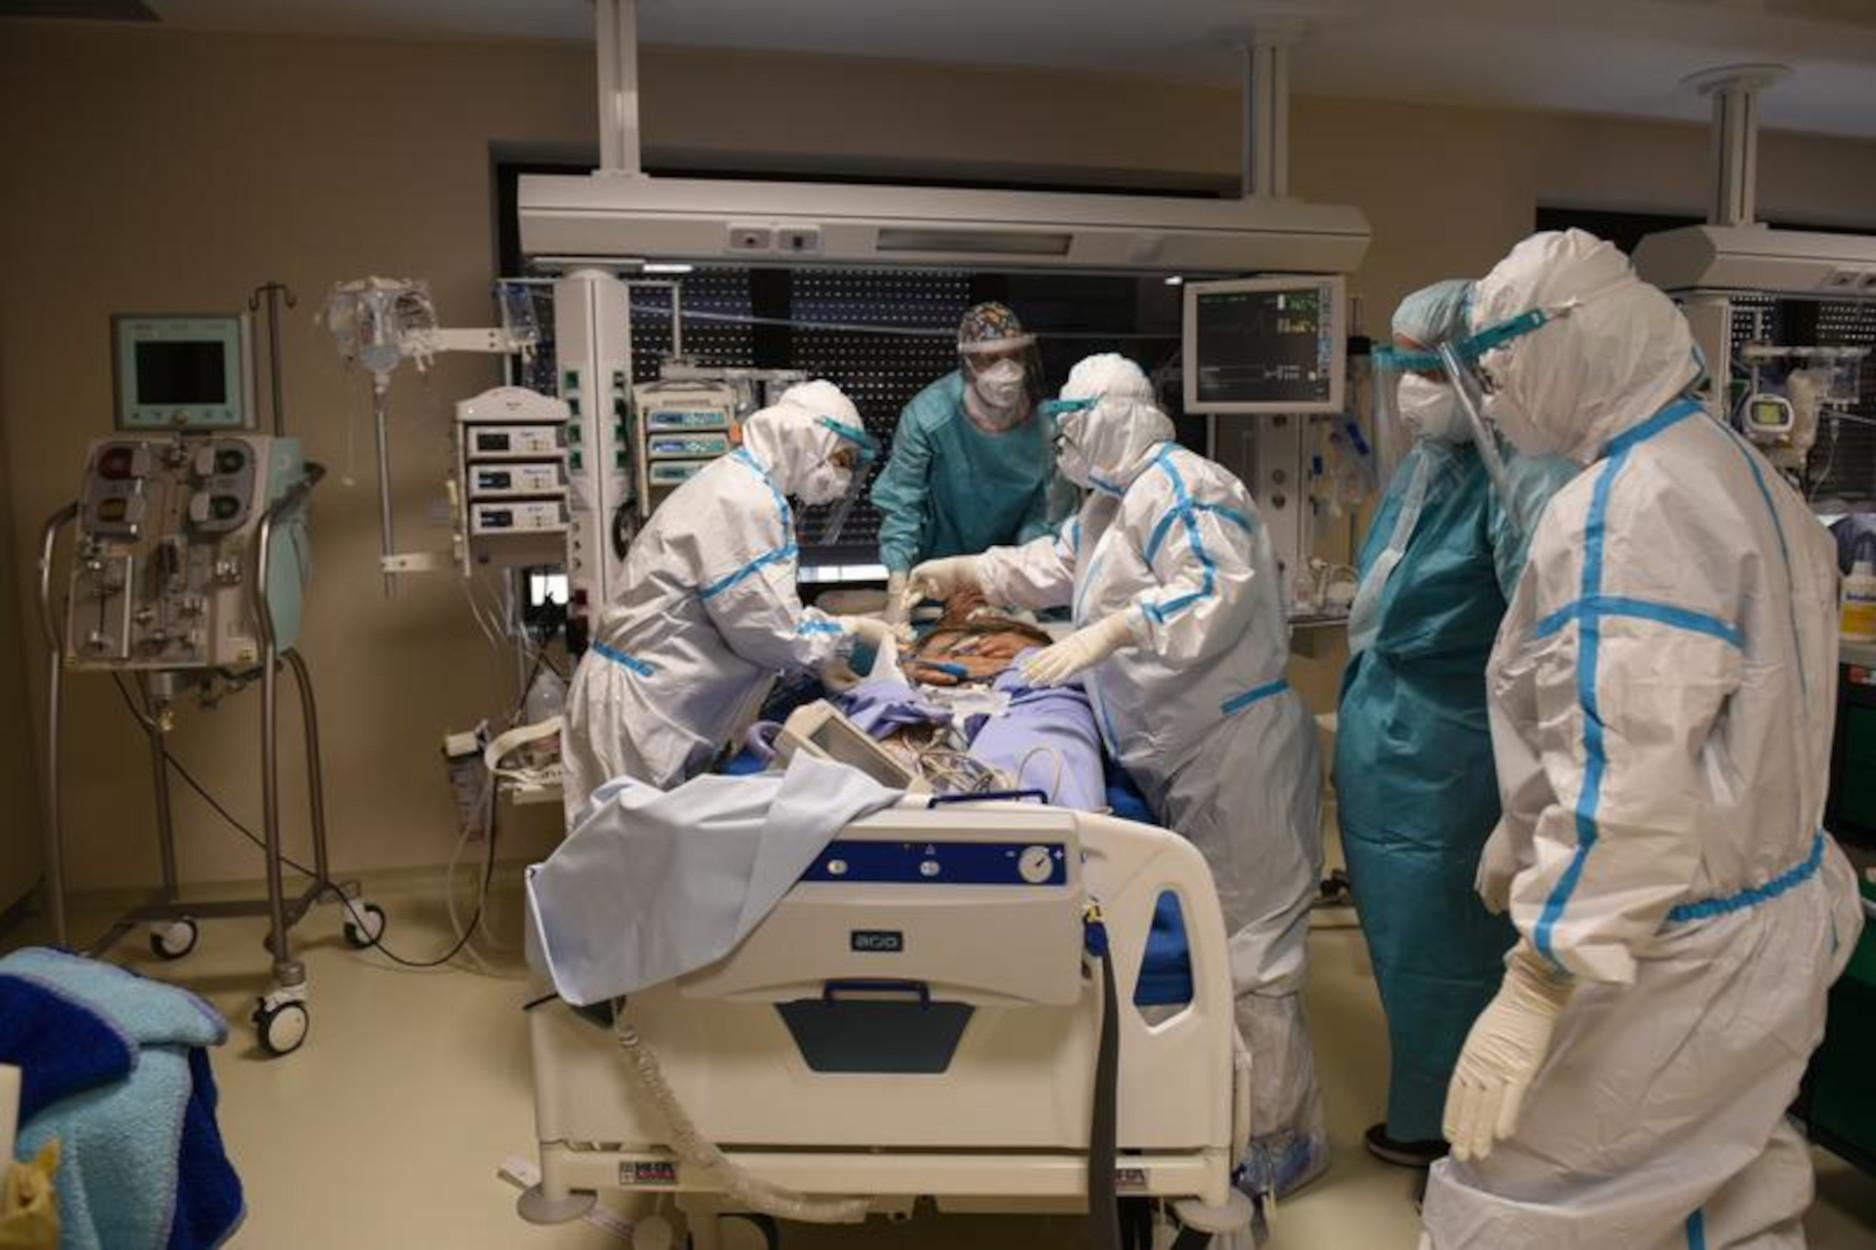 Βόρεια Μακεδονία: Πλαφόν στις εξωφρενικές χρεώσεις κλινικών σε ασθενείς με κορονοϊό